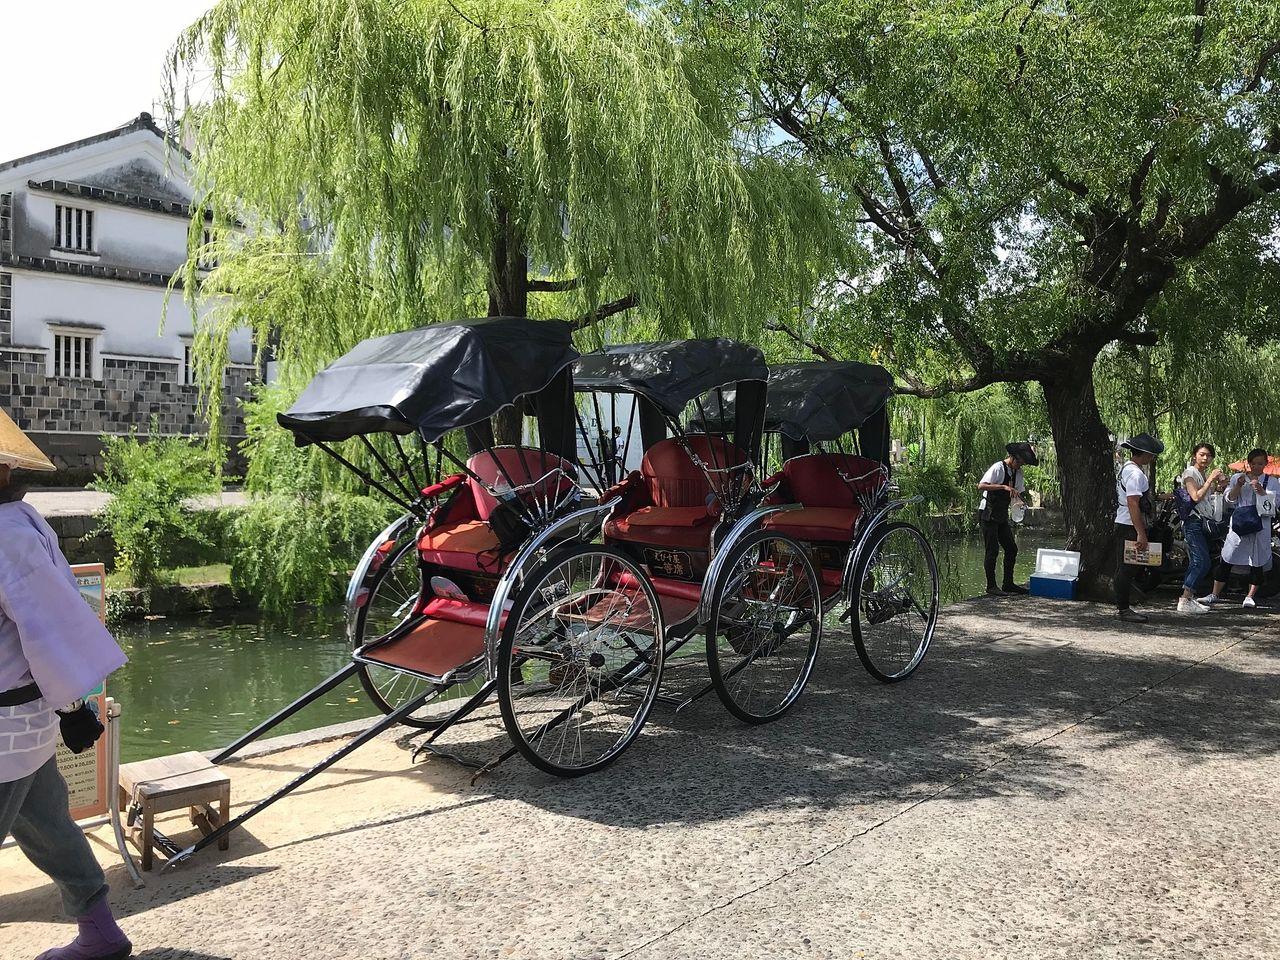 倉敷美観地区は暑くて熱い!